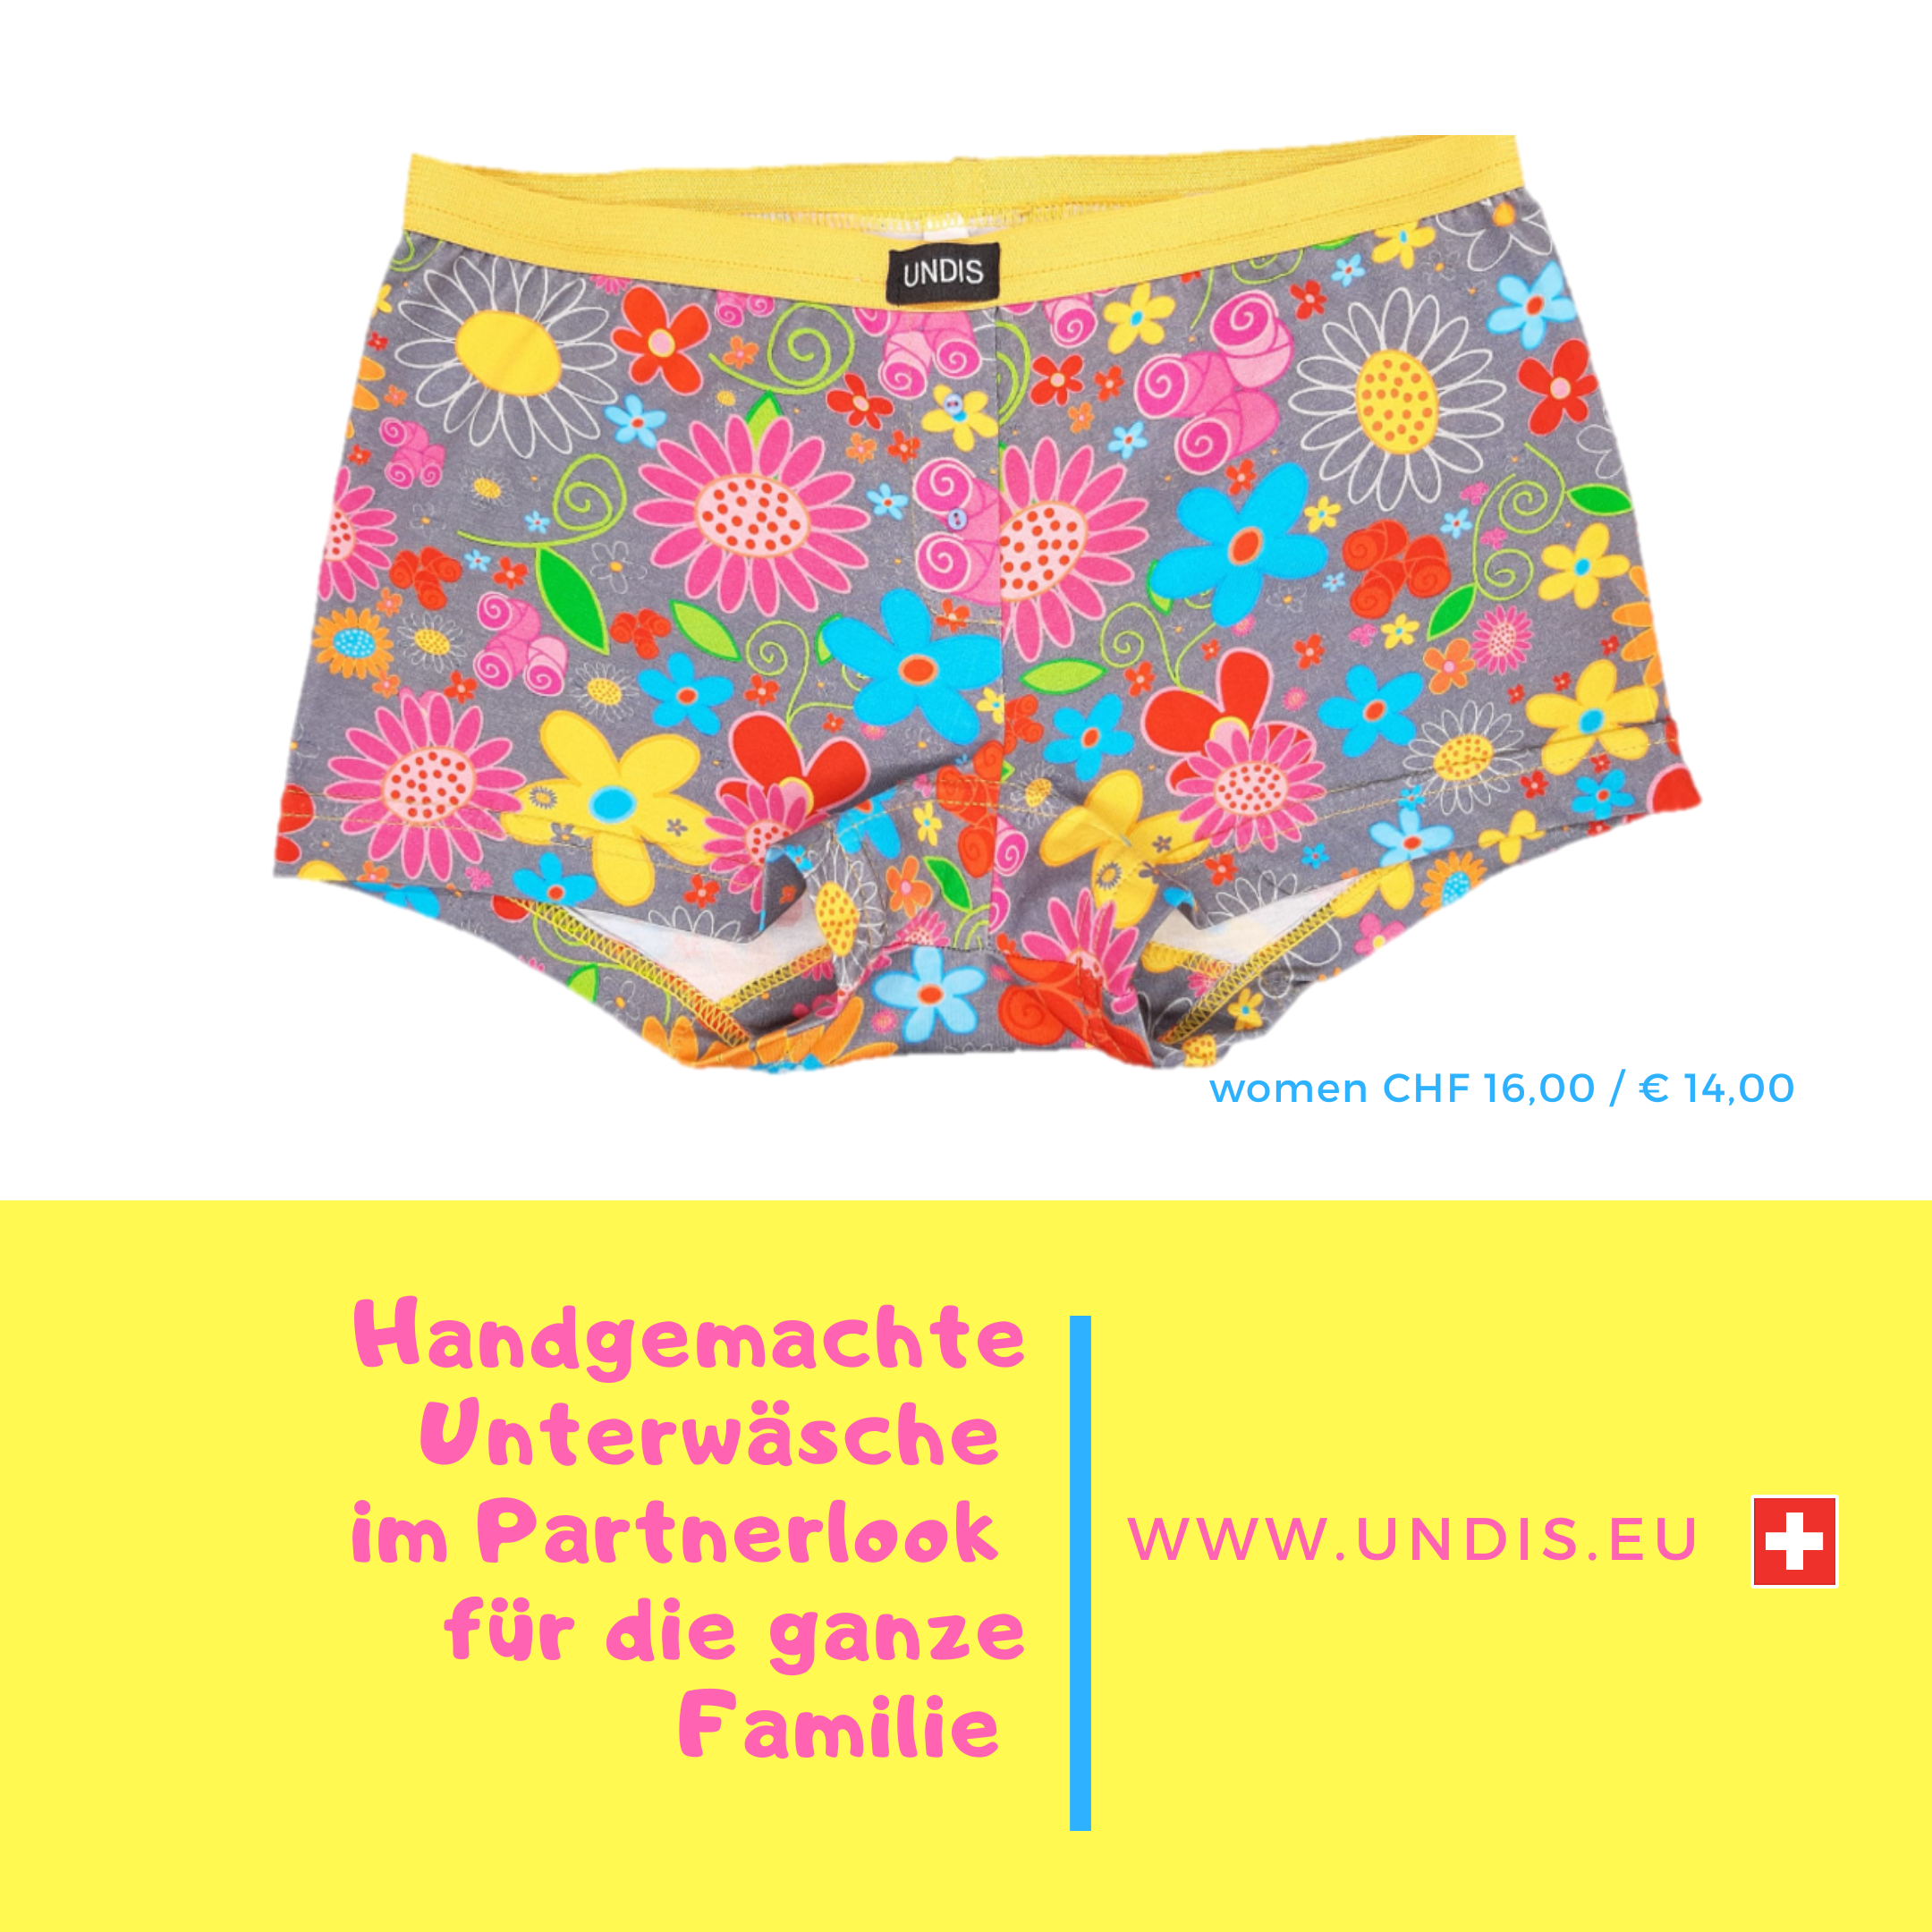 UNDIS www.undis.eu Die handgemachte Unterwäsche im